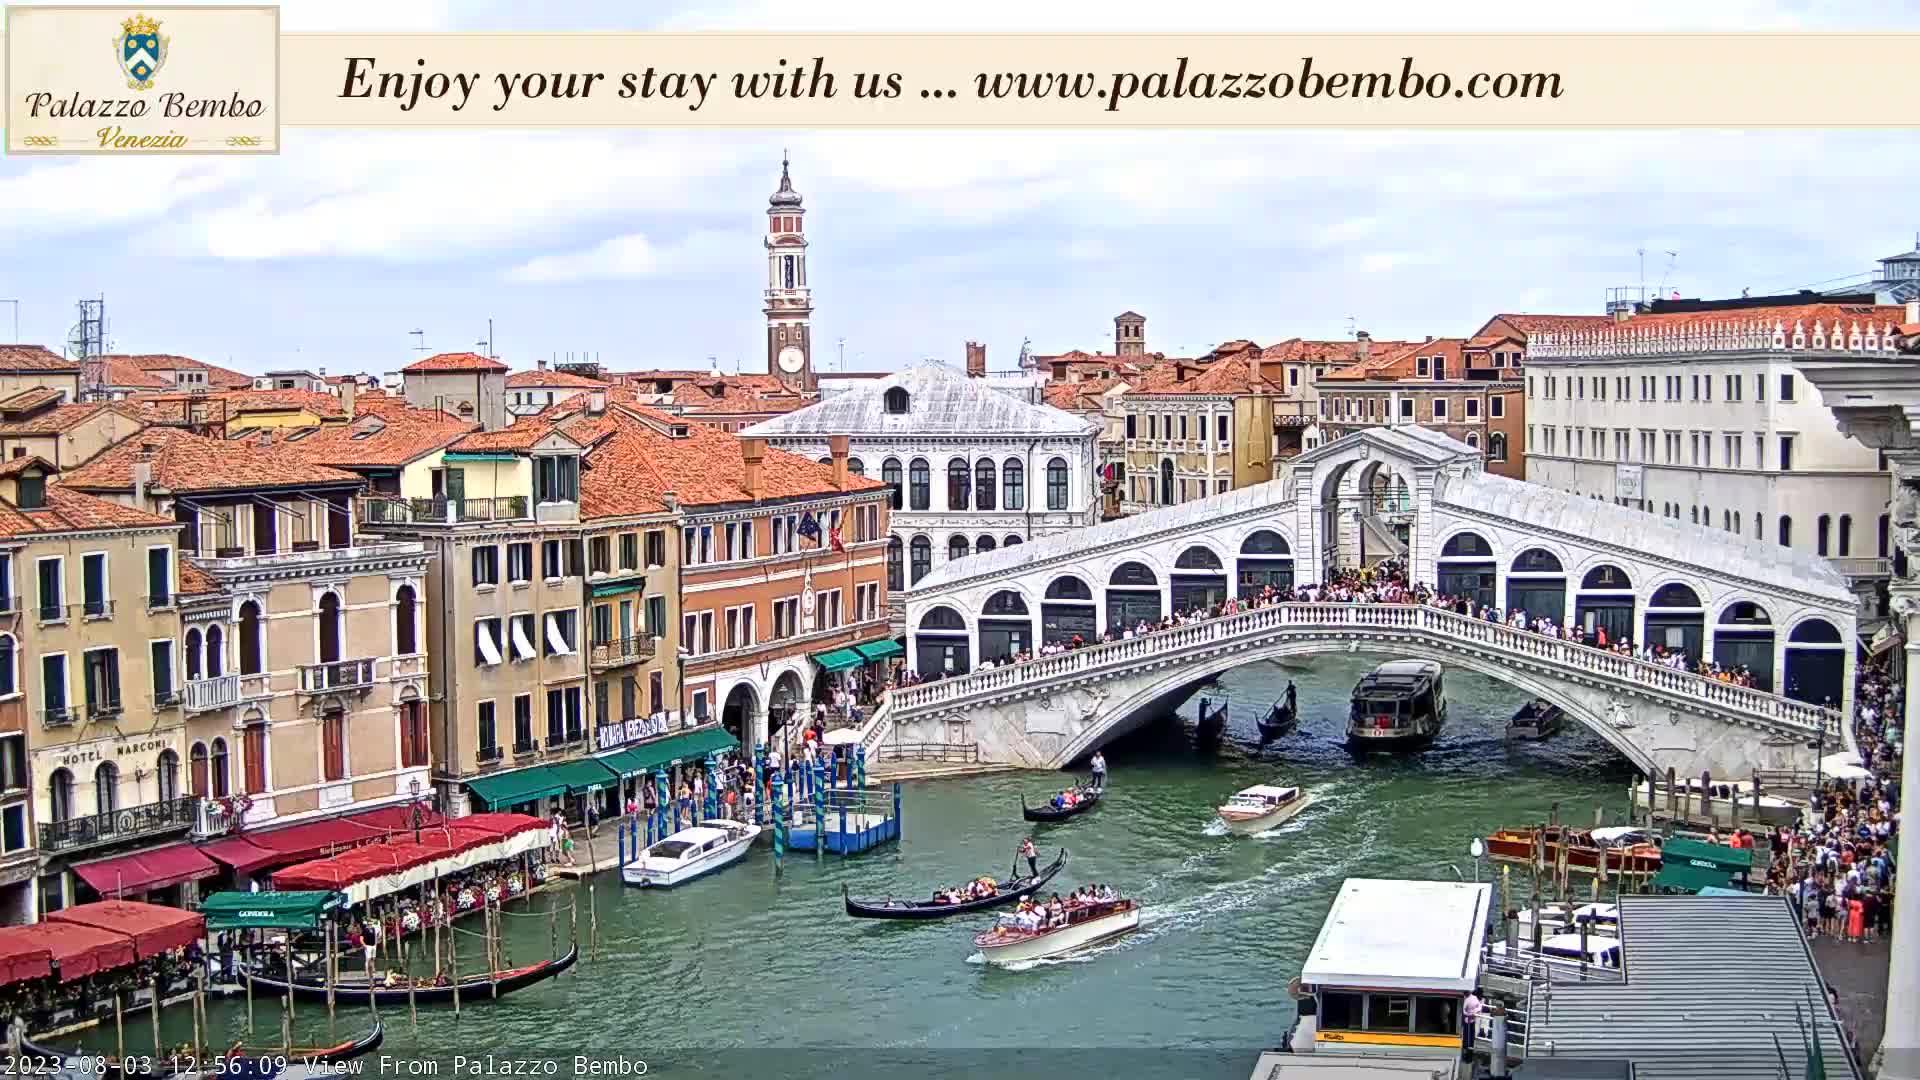 Venice Mon. 12:56